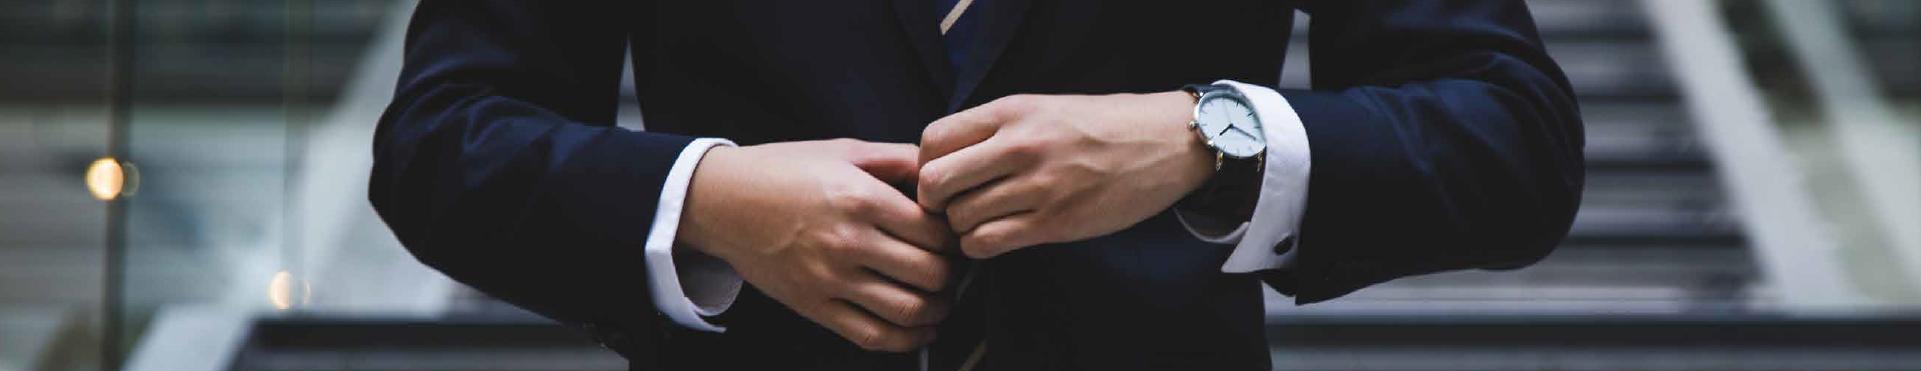 ベンチャーラボ法律事務所 | 弁護士 淵邊 善彦